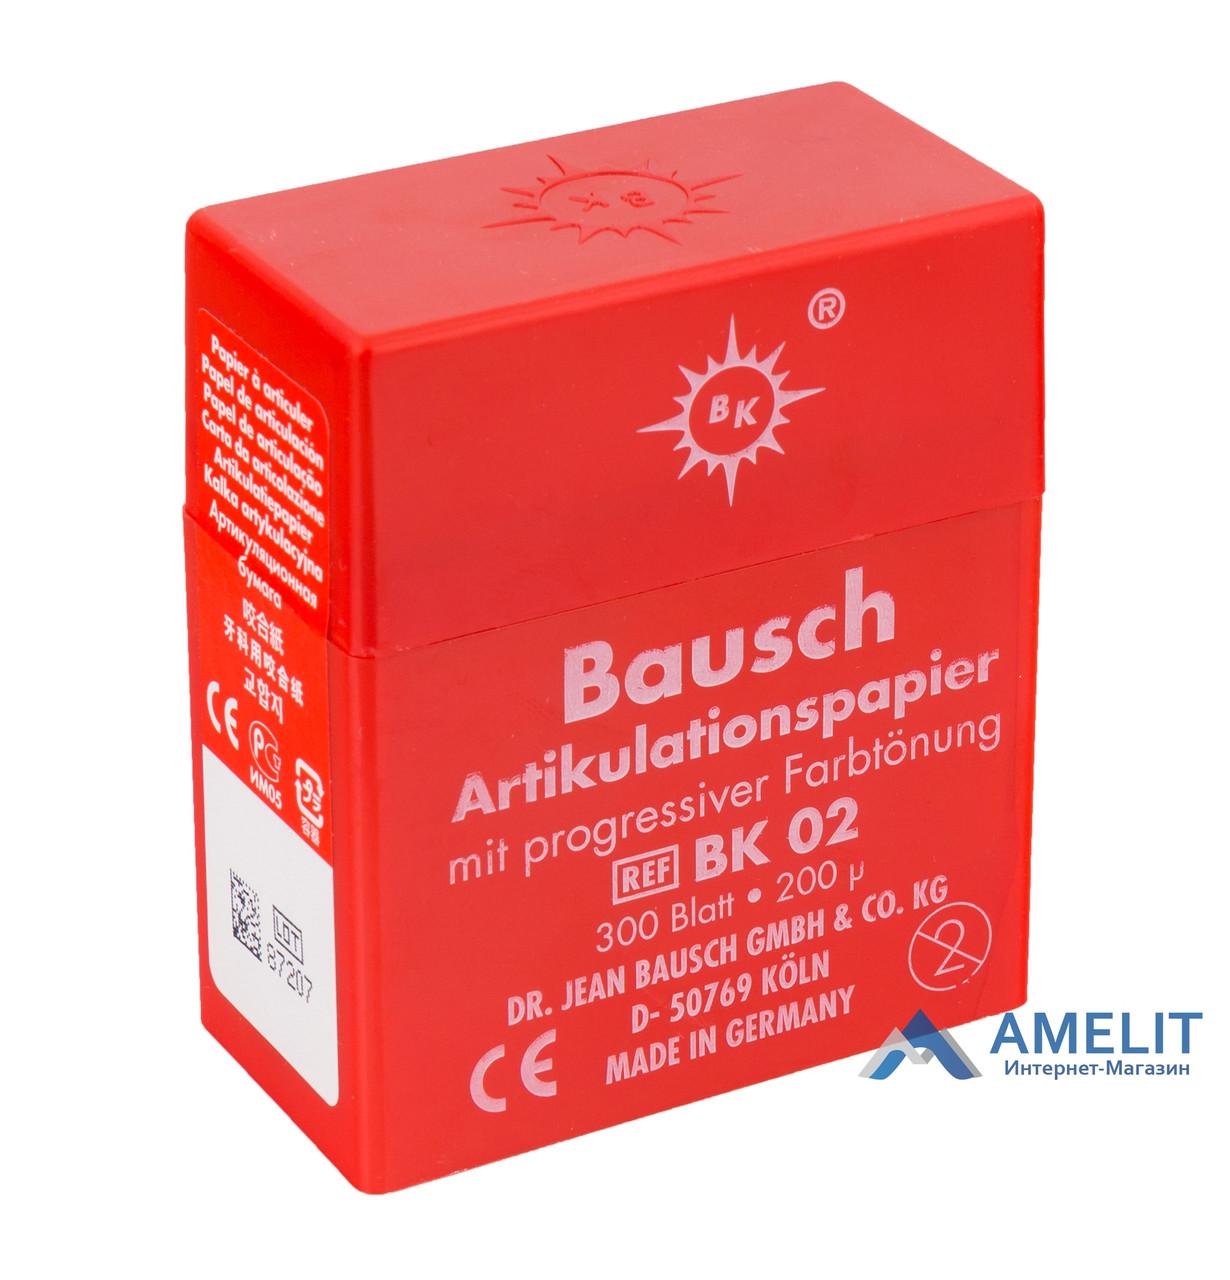 Артикуляционная бумагаБауш, ВК-02 (Bausch), красная, 300шт./уп.